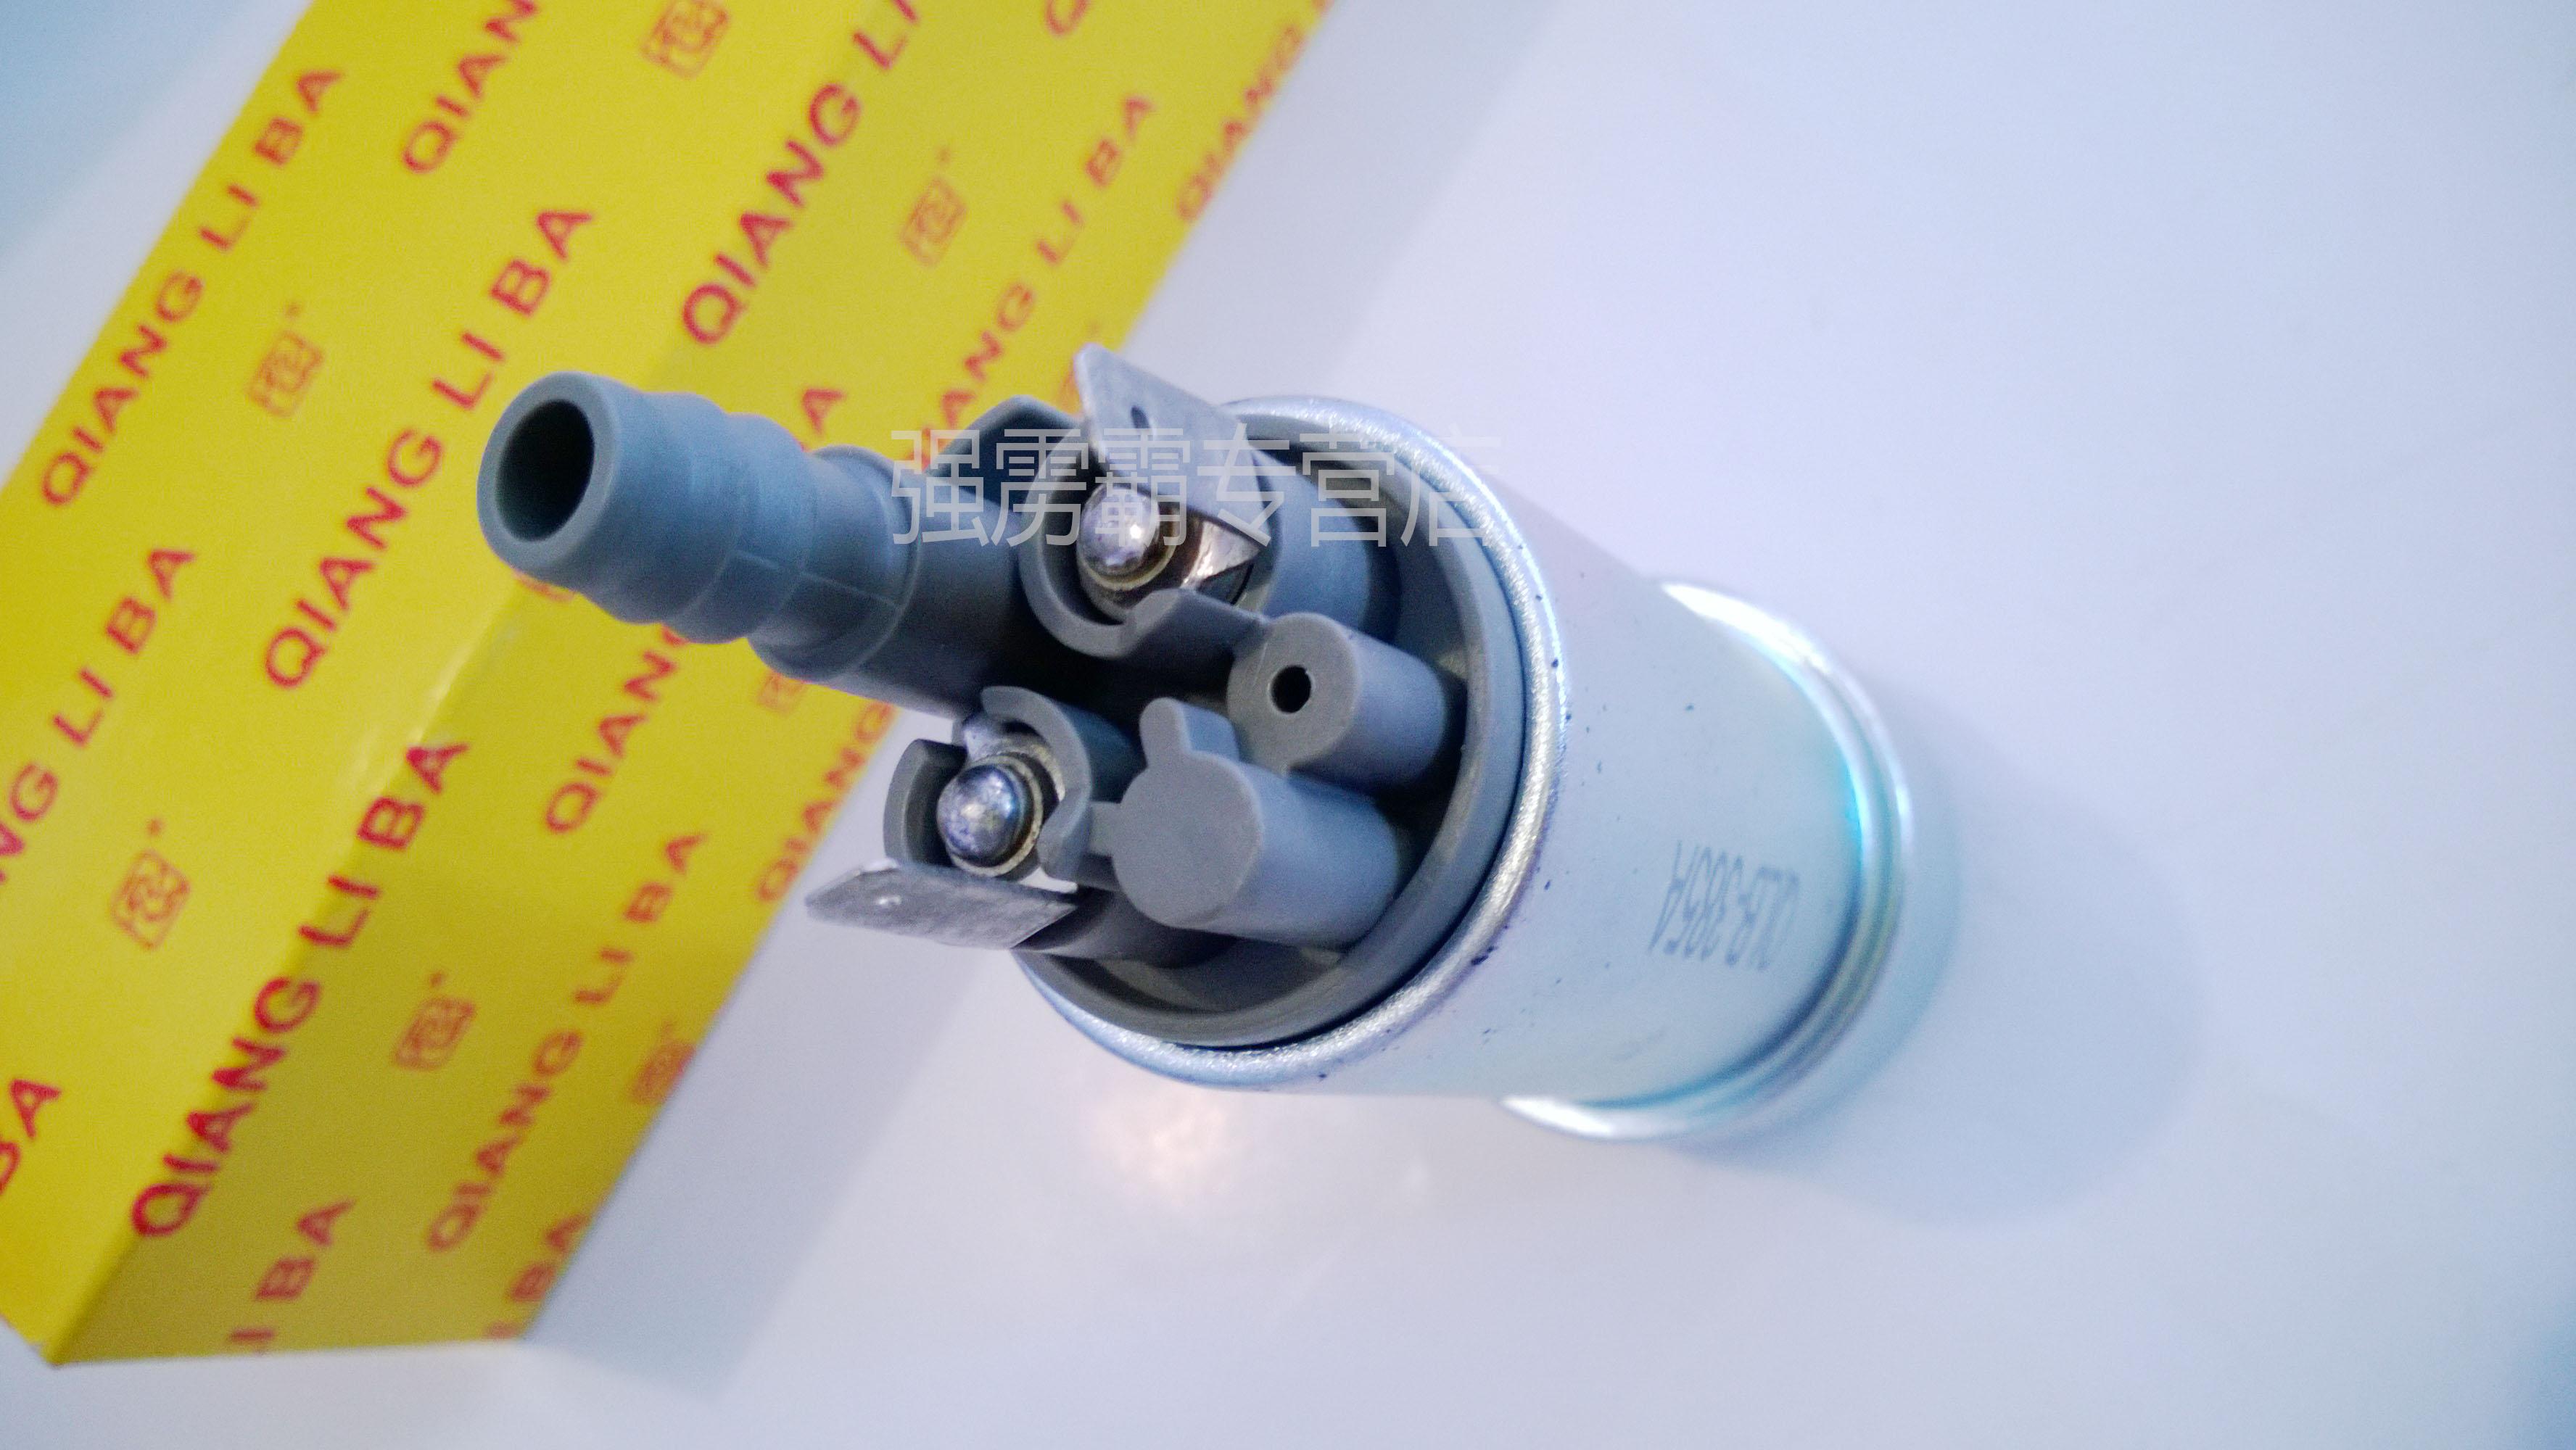 强雳霸 金杯4y 旧款丰田机头 强雳霸汽油泵芯电动燃油